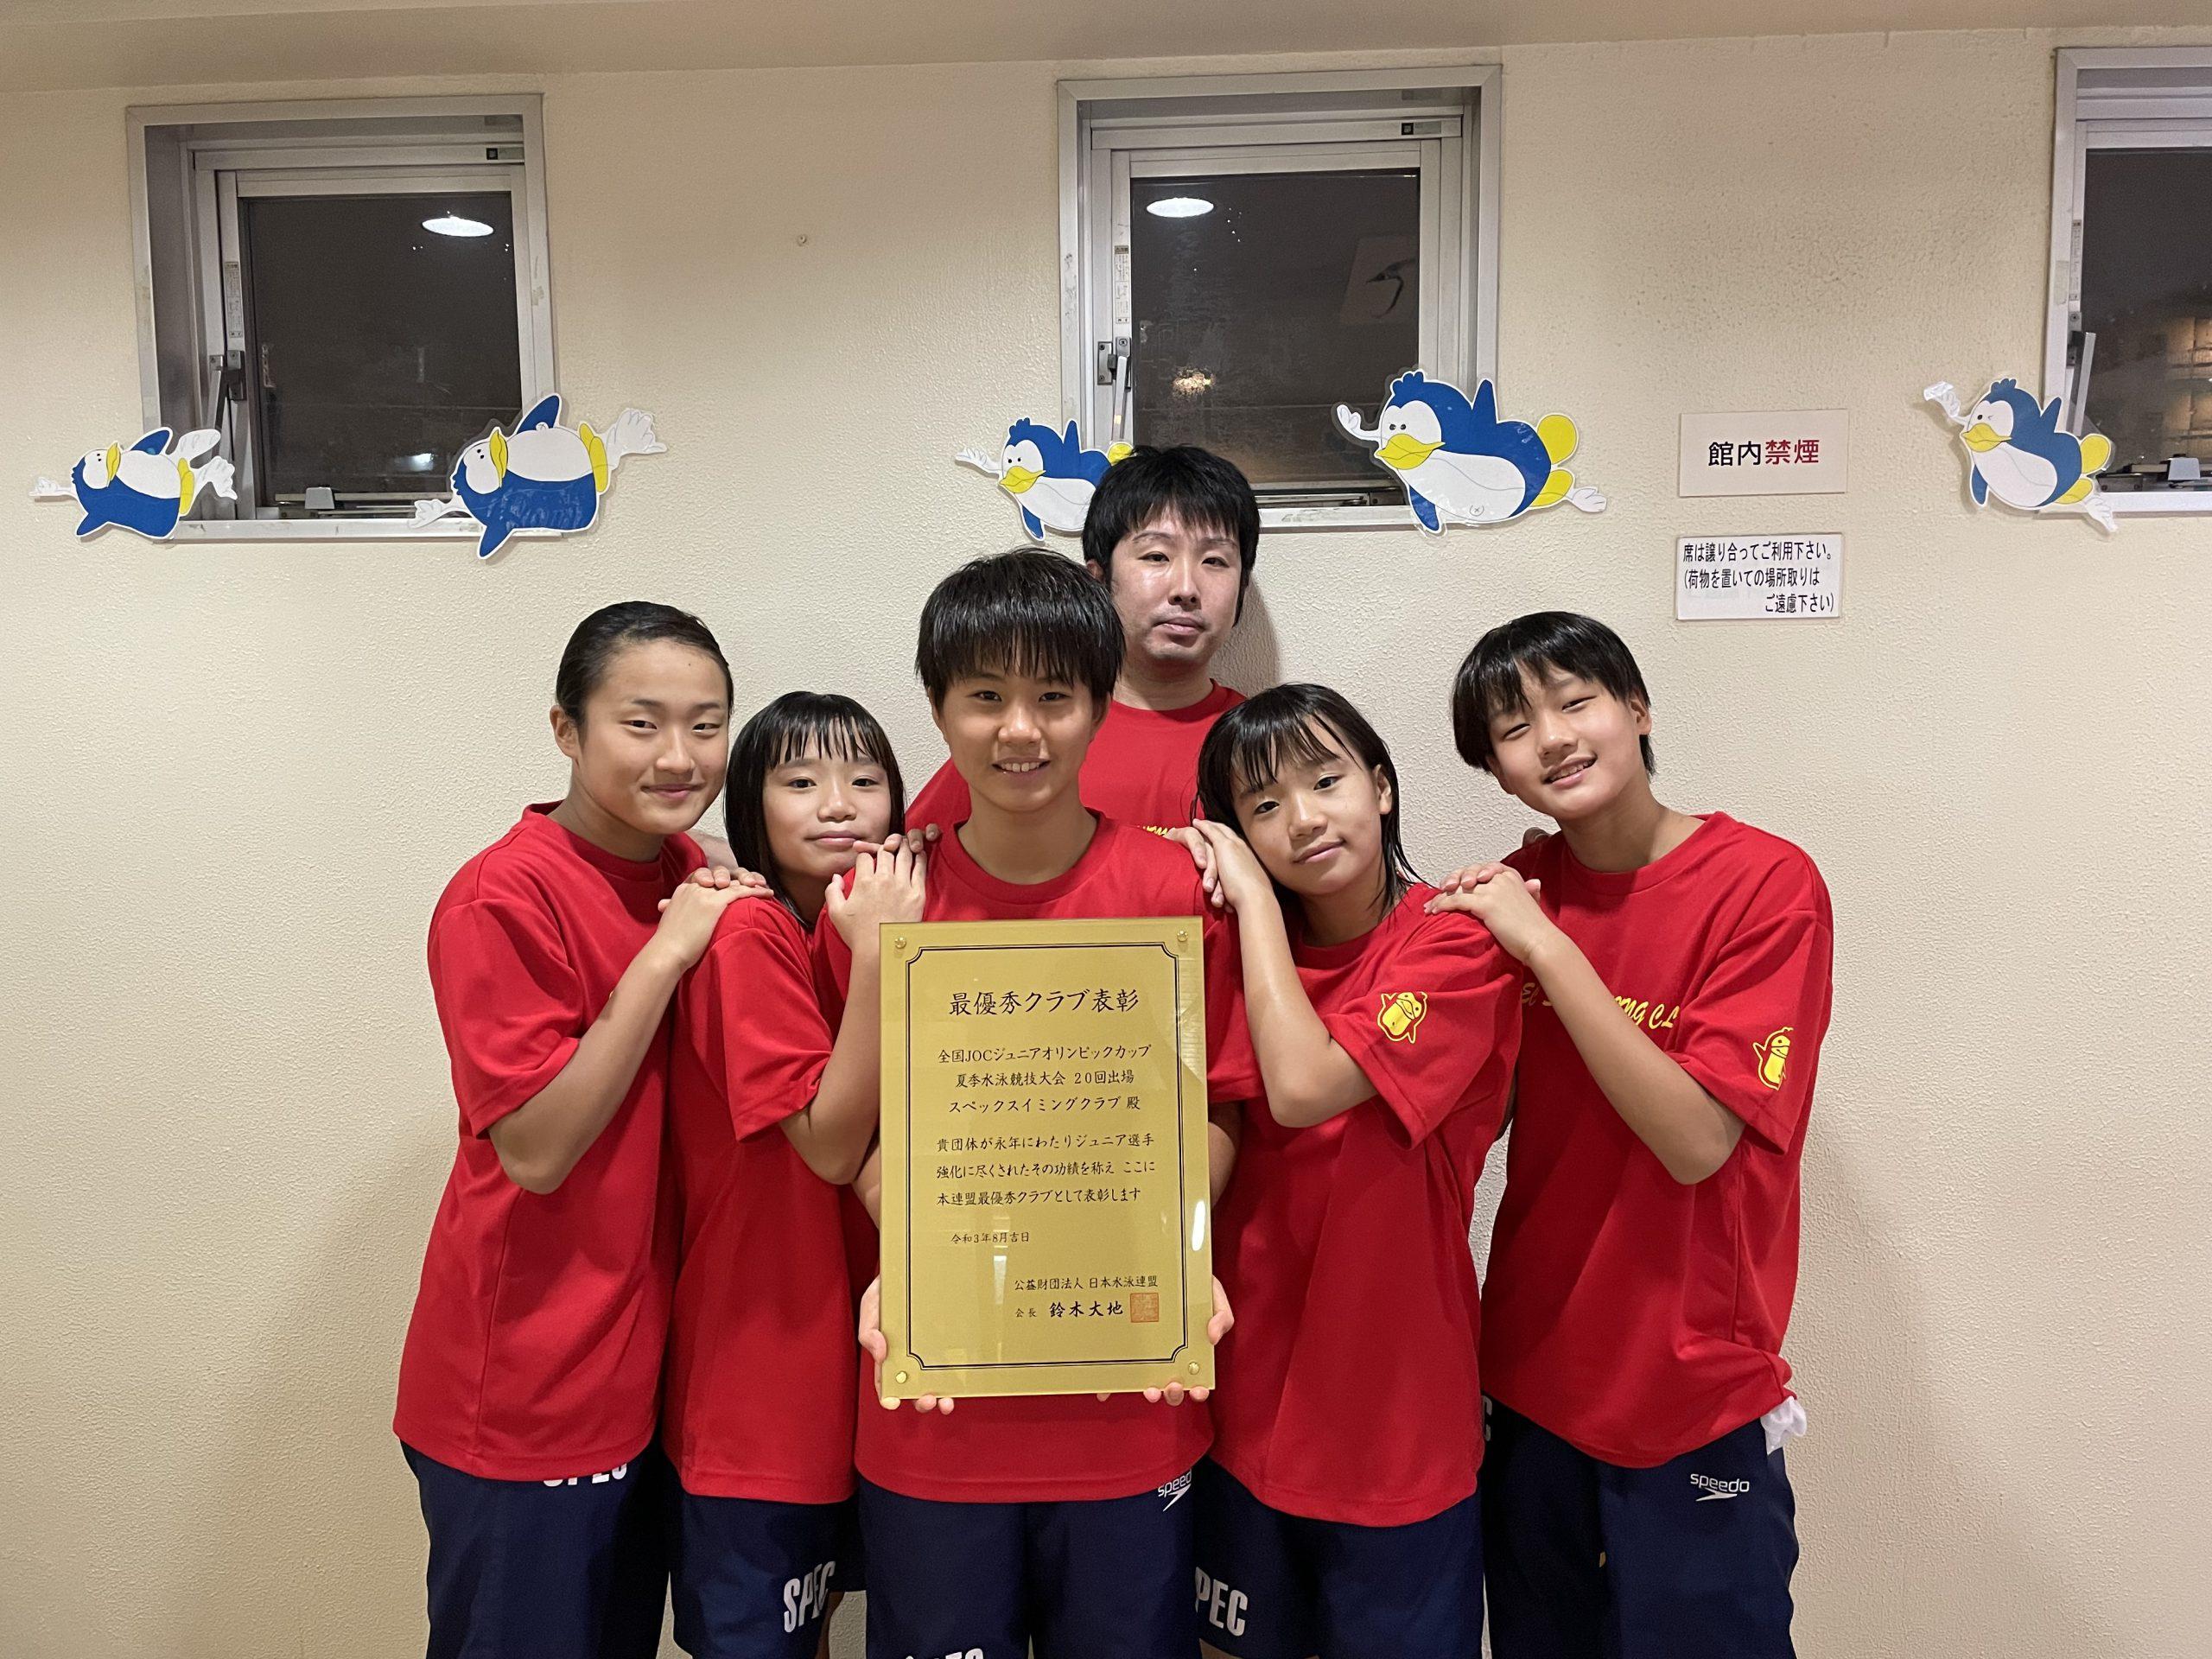 第44回全国JOCジュニアオリンピックカップ夏季大会『最優秀クラブ賞』受賞